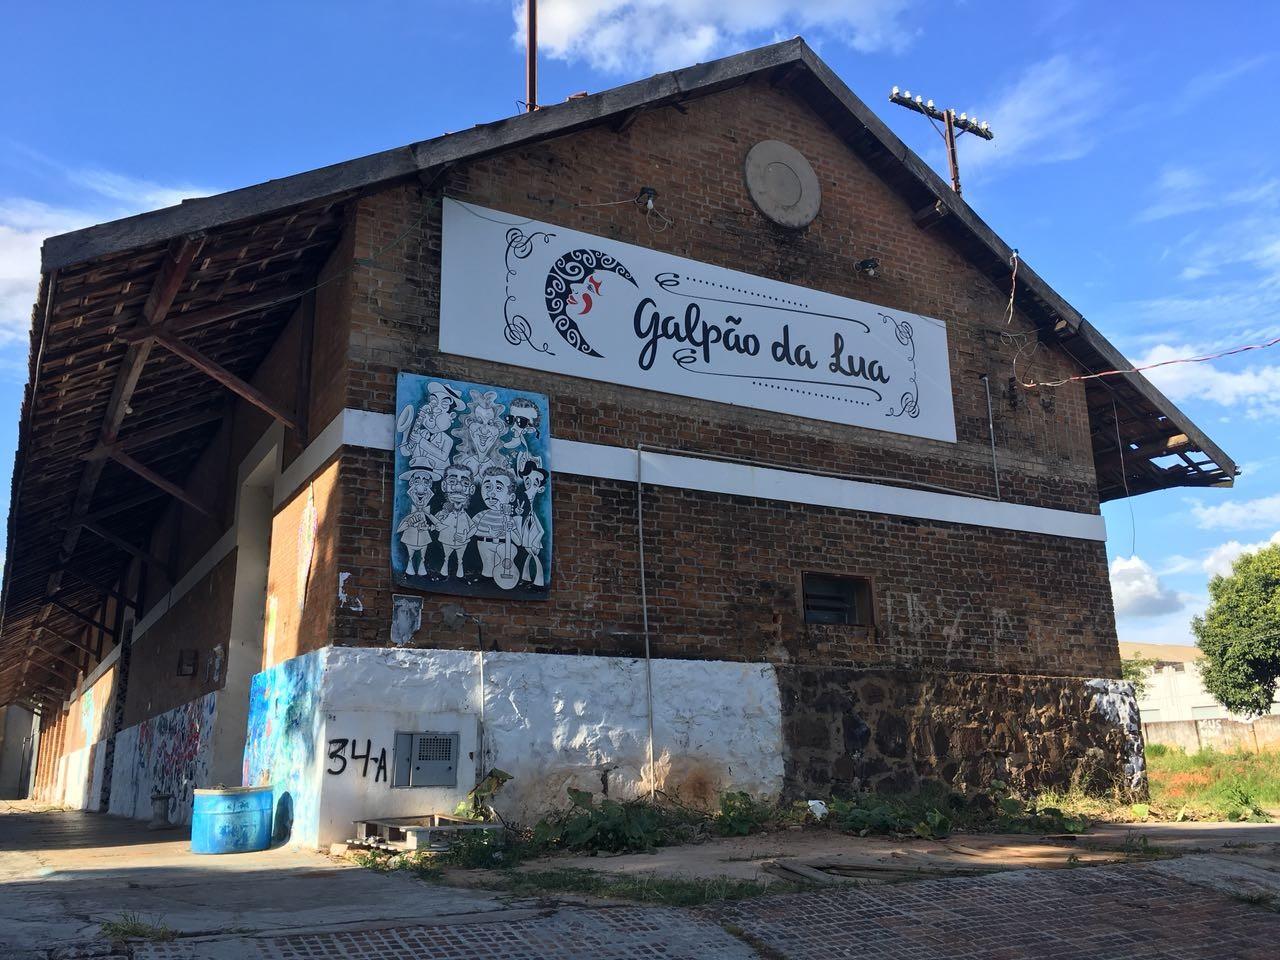 Com várias atividades culturais, Galpão da Lua comemora três anos de ocupação de barracão em Presidente Prudente - Notícias - Plantão Diário